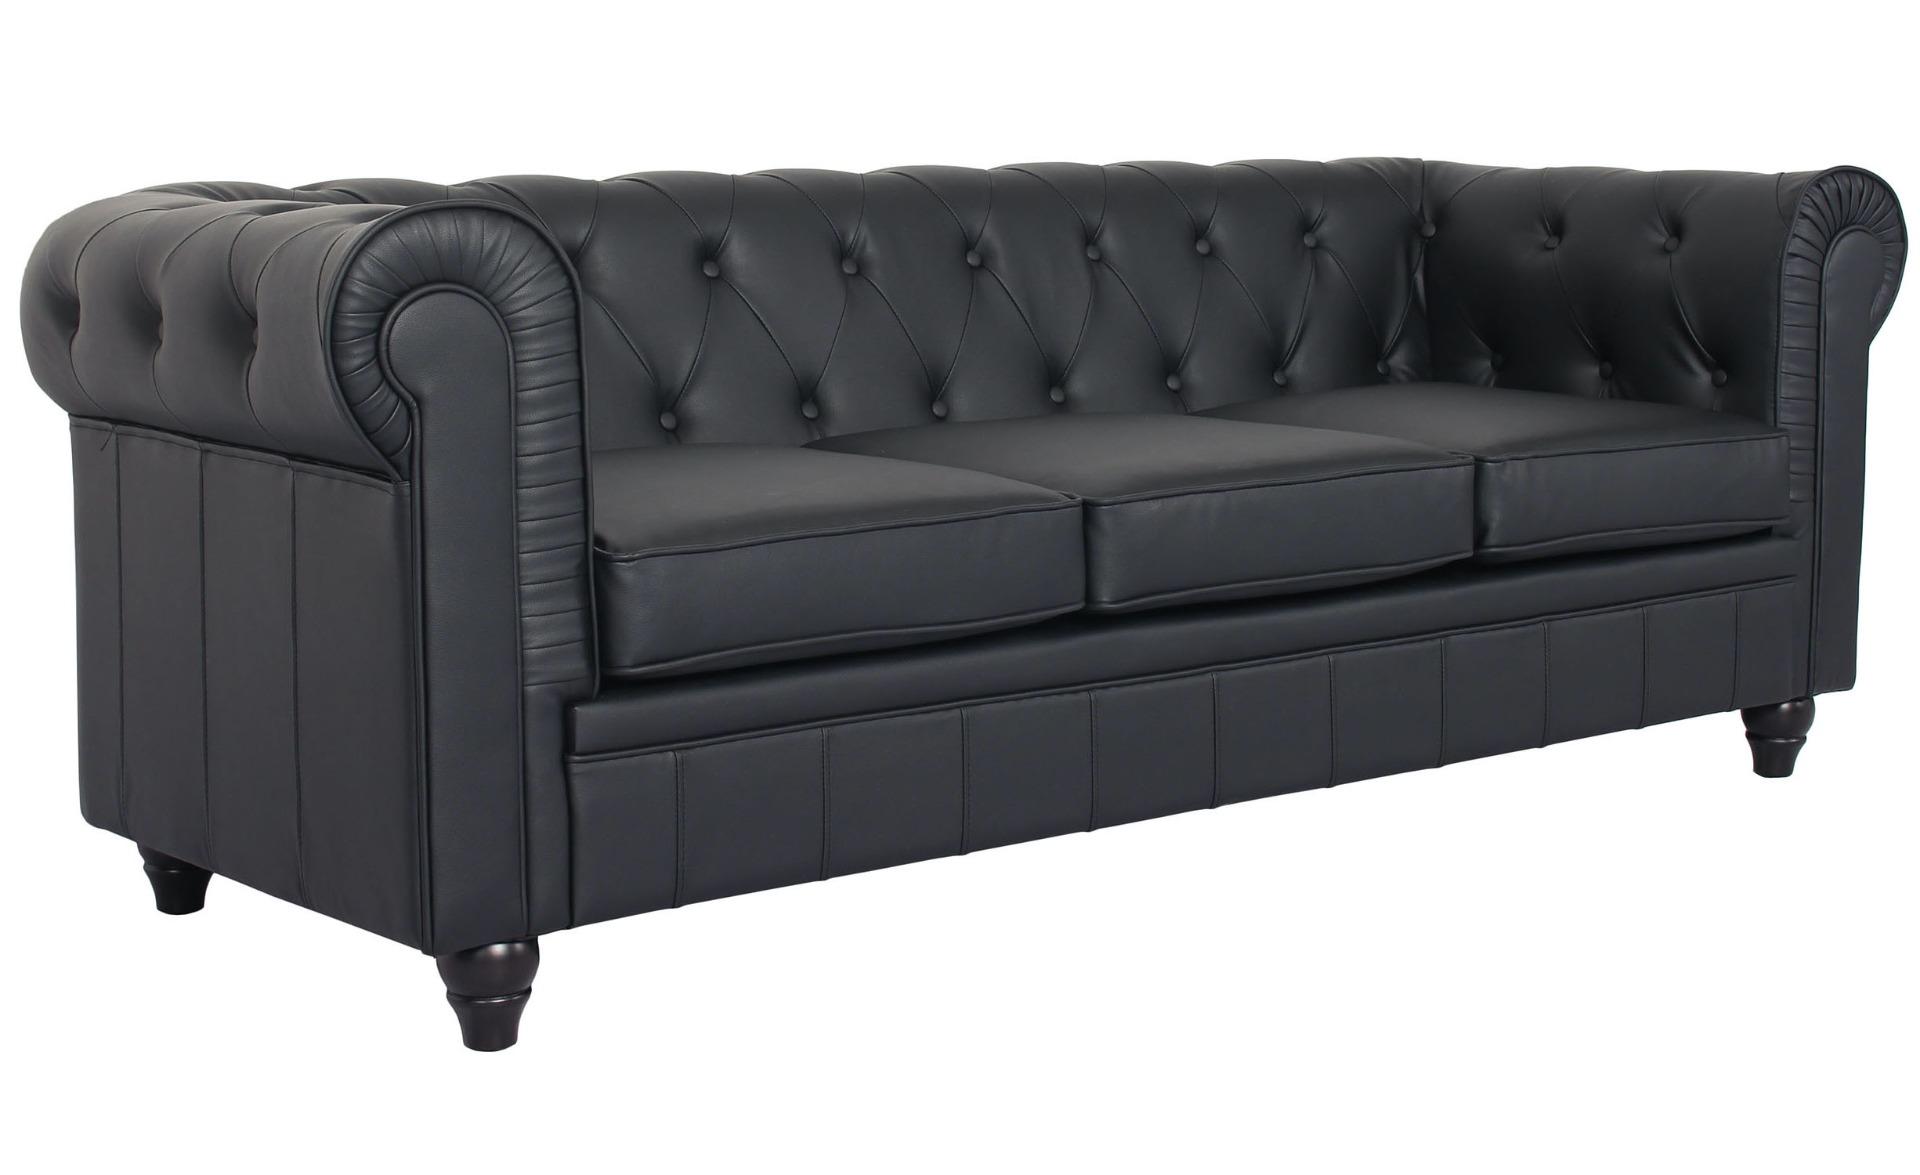 Grote 3-zits Chesterfield Sofa Zwart